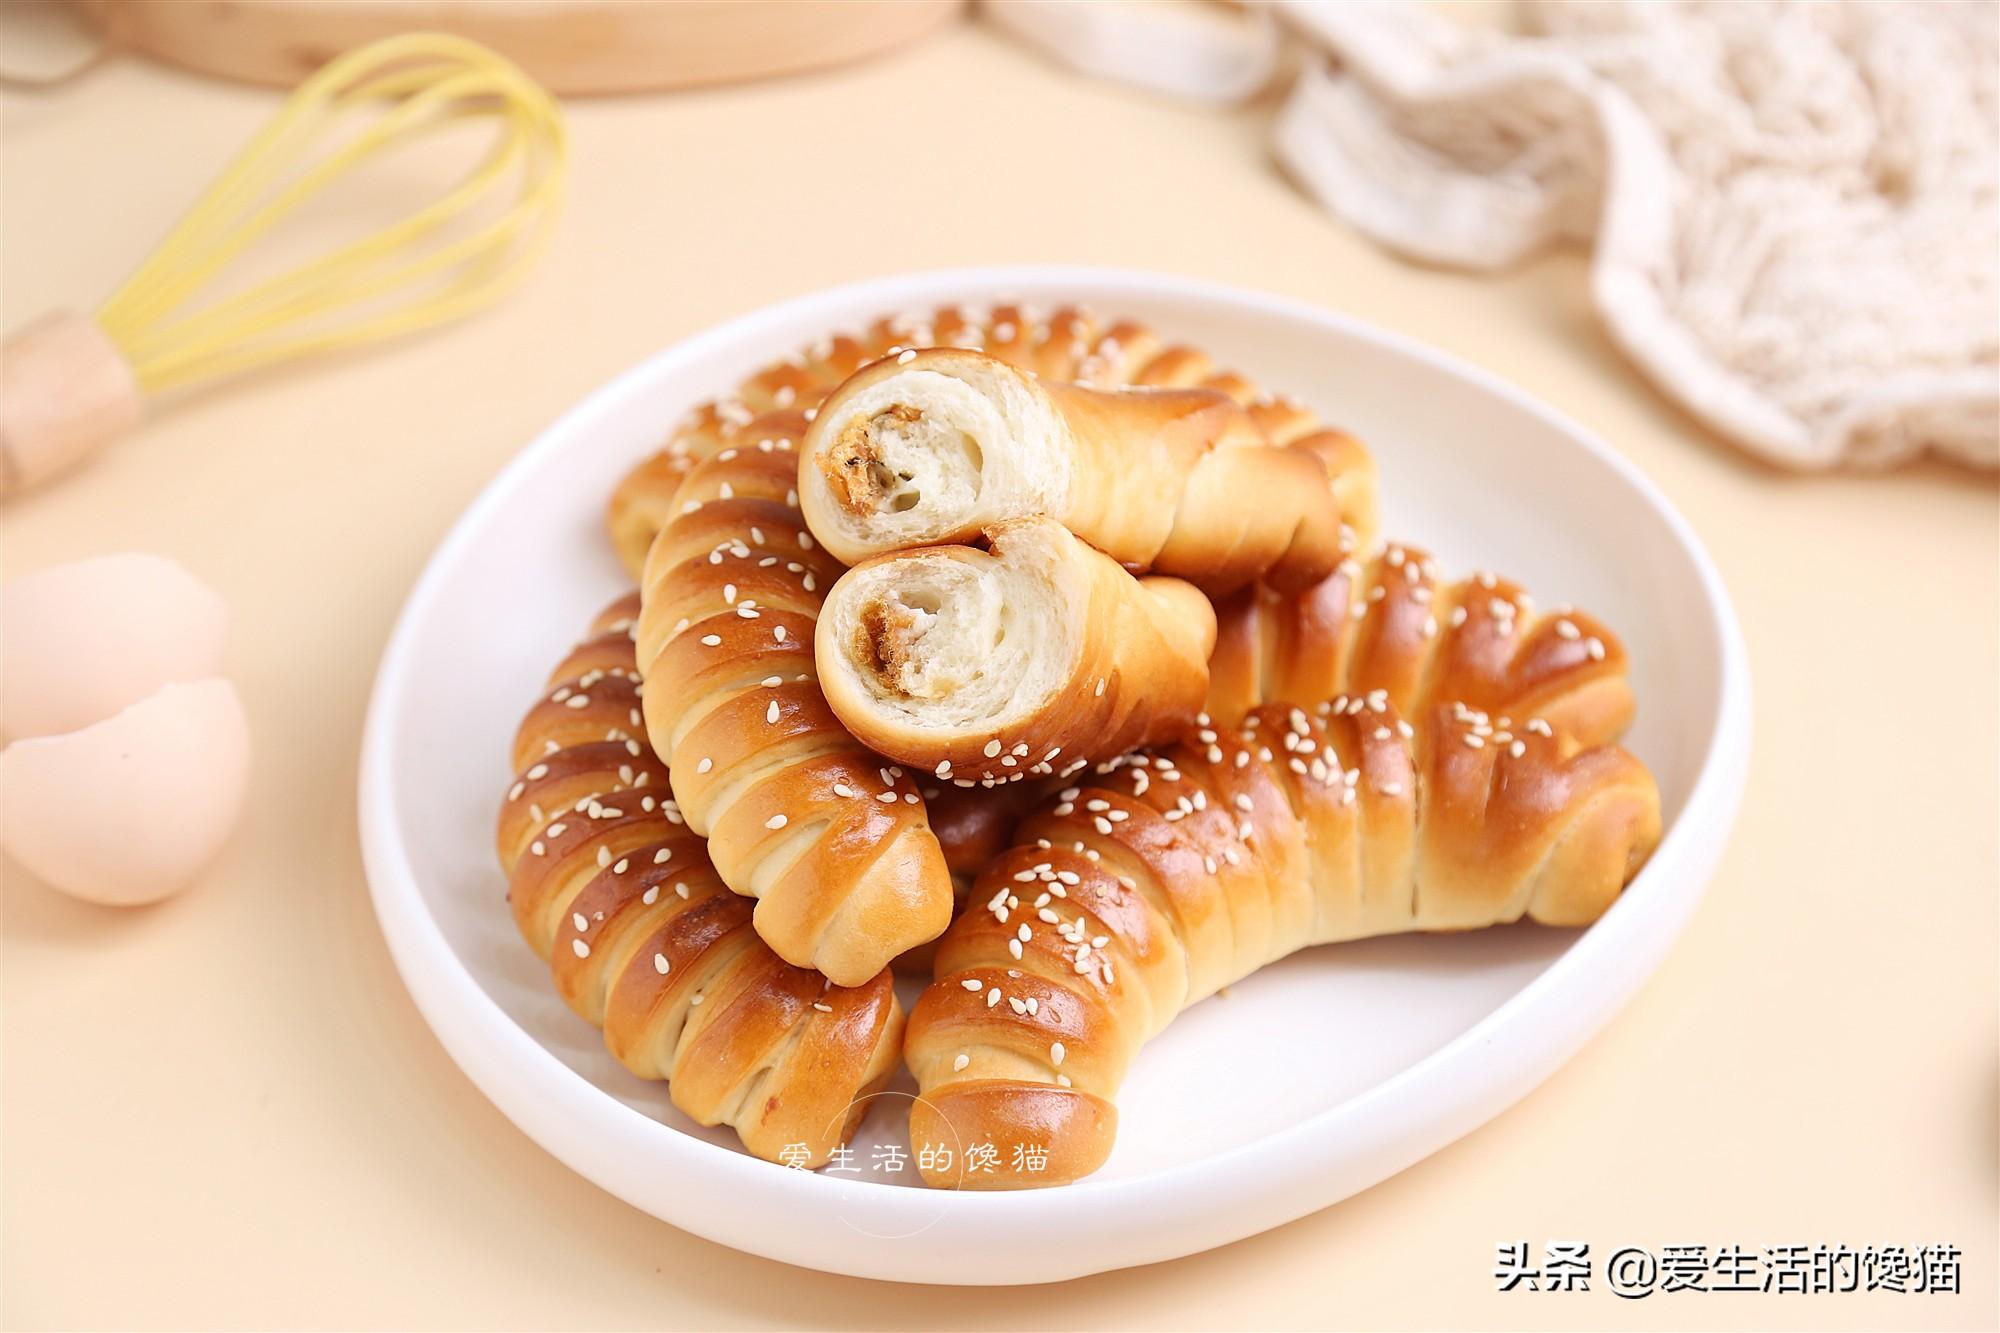 做麵包時,記住這個小訣竅,做出的個個都是軟胖子,絕不翻車